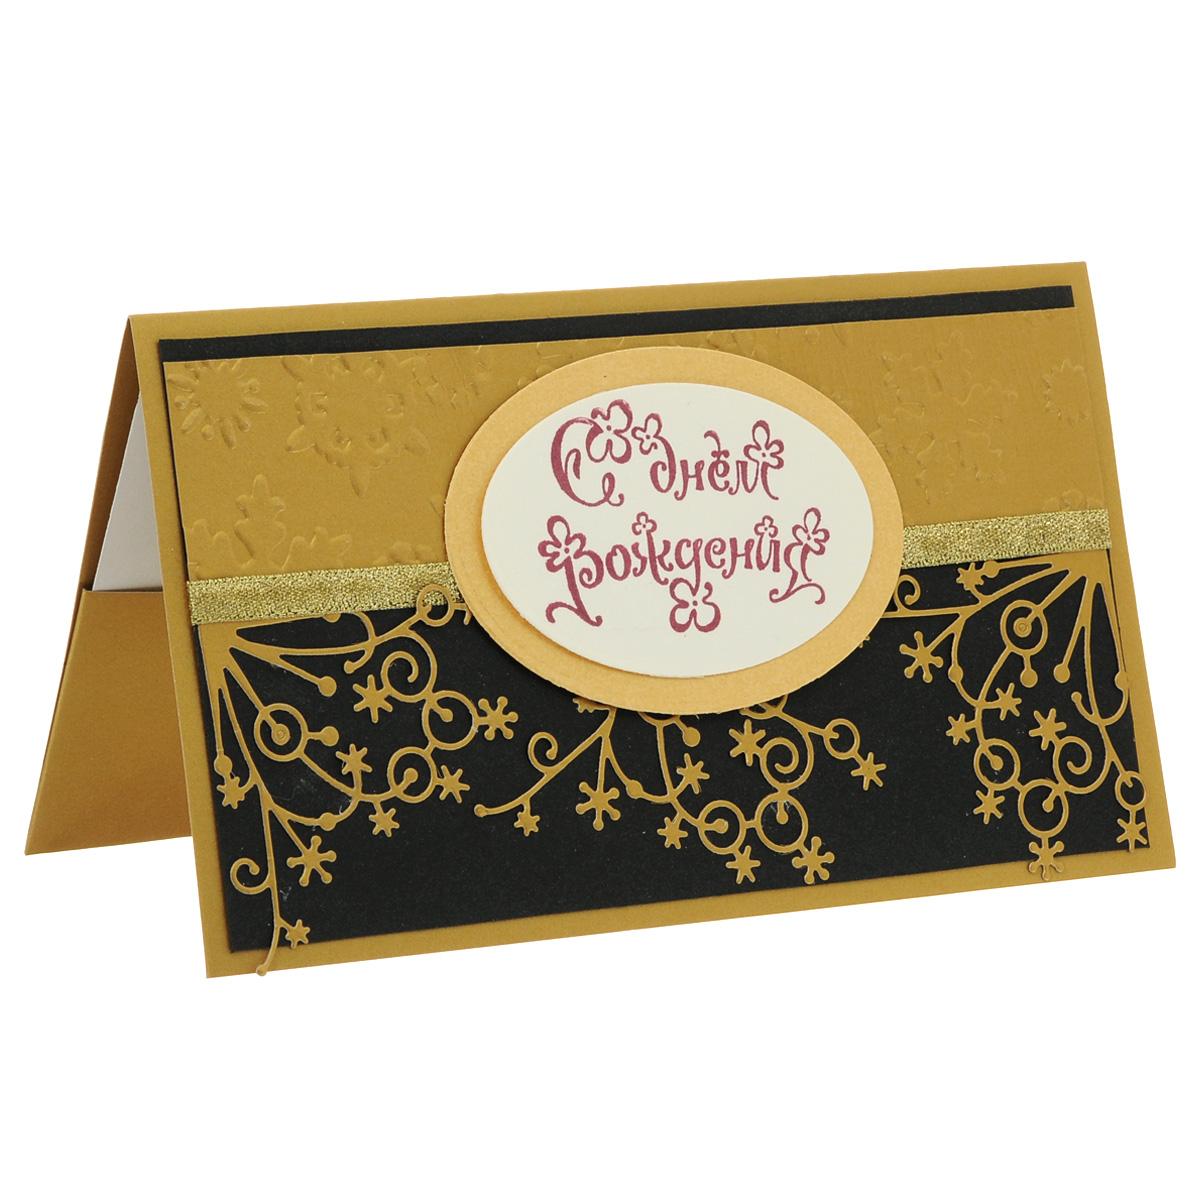 ОЖ-0002 Открытка-конверт «С Днём Рождения!» (золото-черный). Студия «Тётя Роза» конверт открытка студия тетя роза добра и благополучия ораз 0024 зелено бел